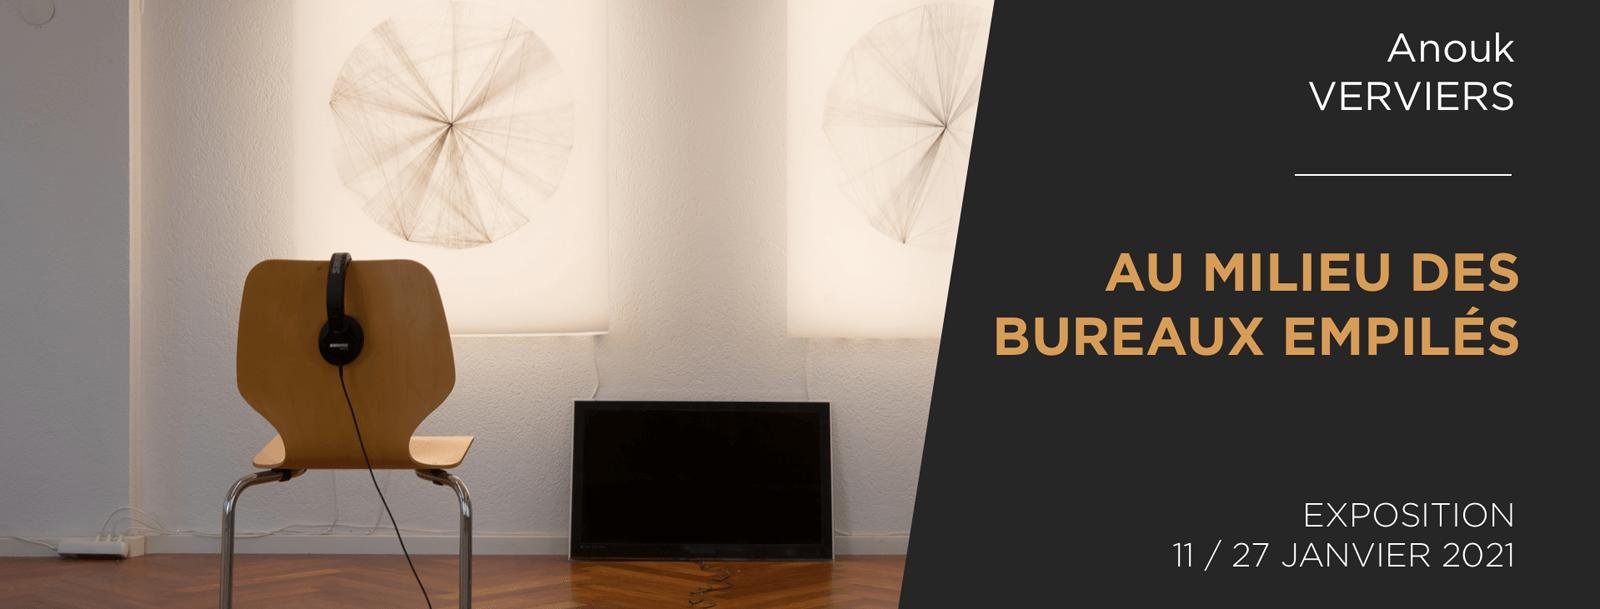 AU MILIEU DES BUREAUX EMPILES | Installation | Anouk VERVIERS